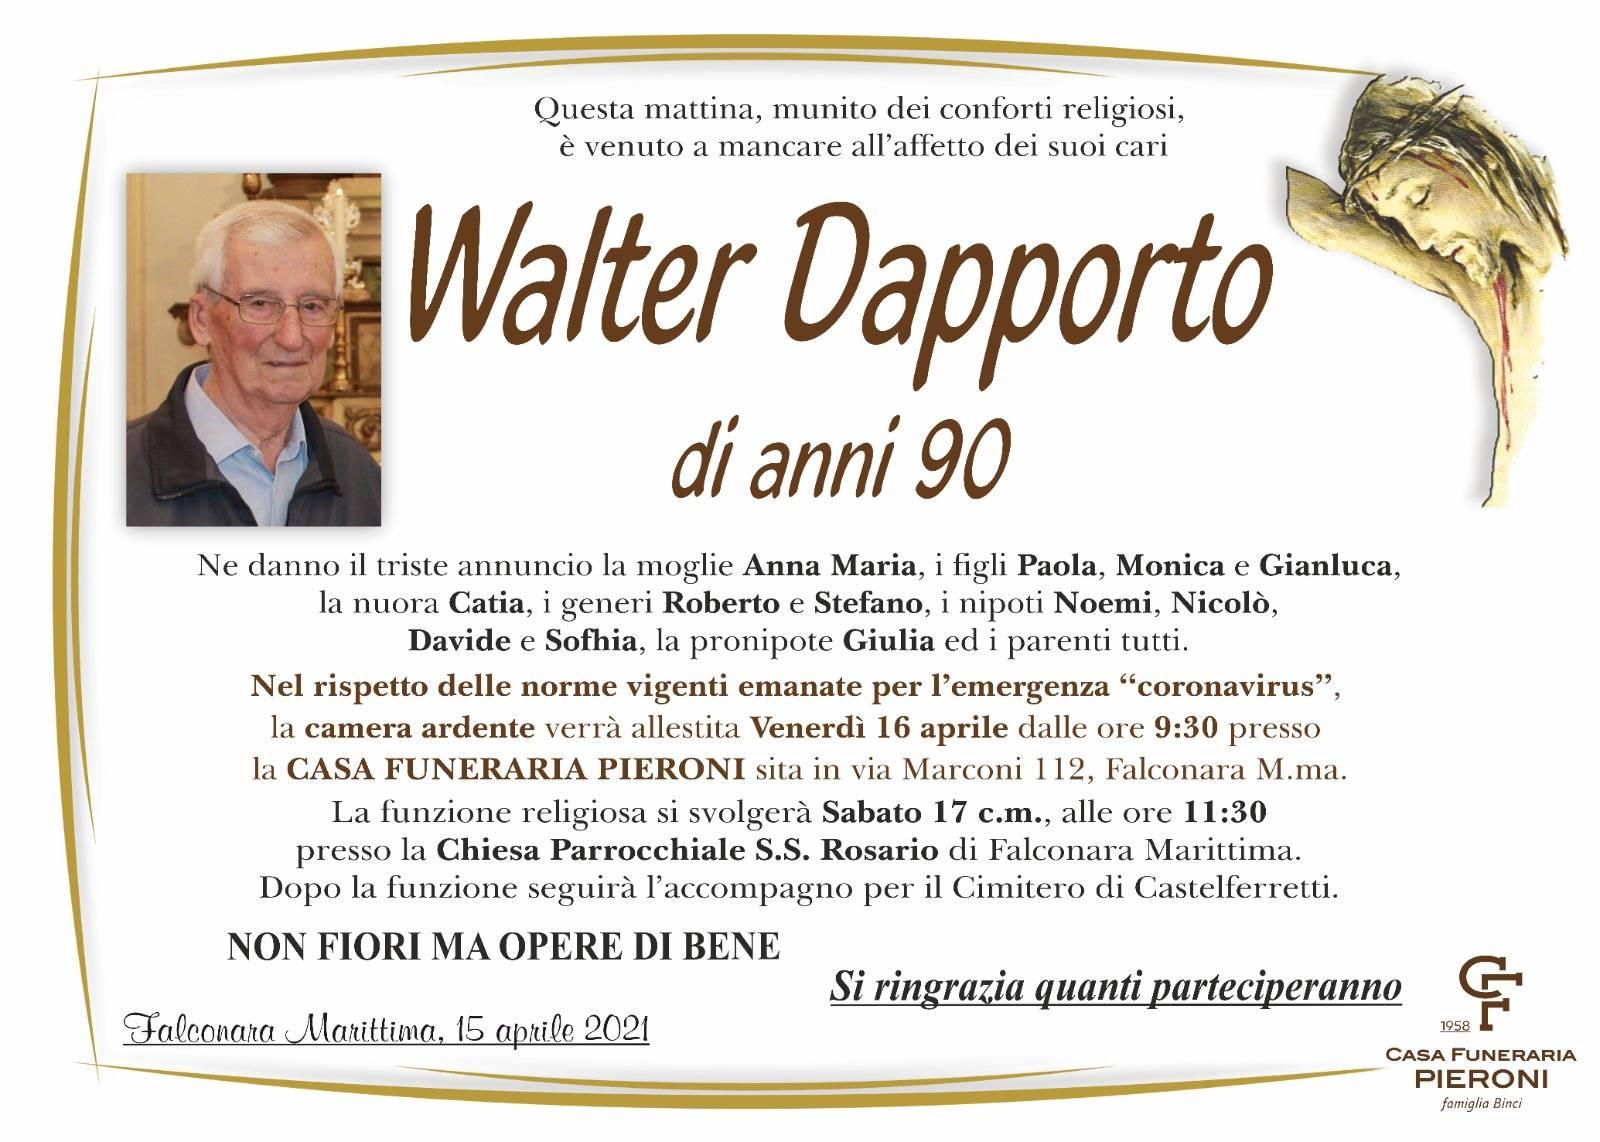 Walter Dapporto